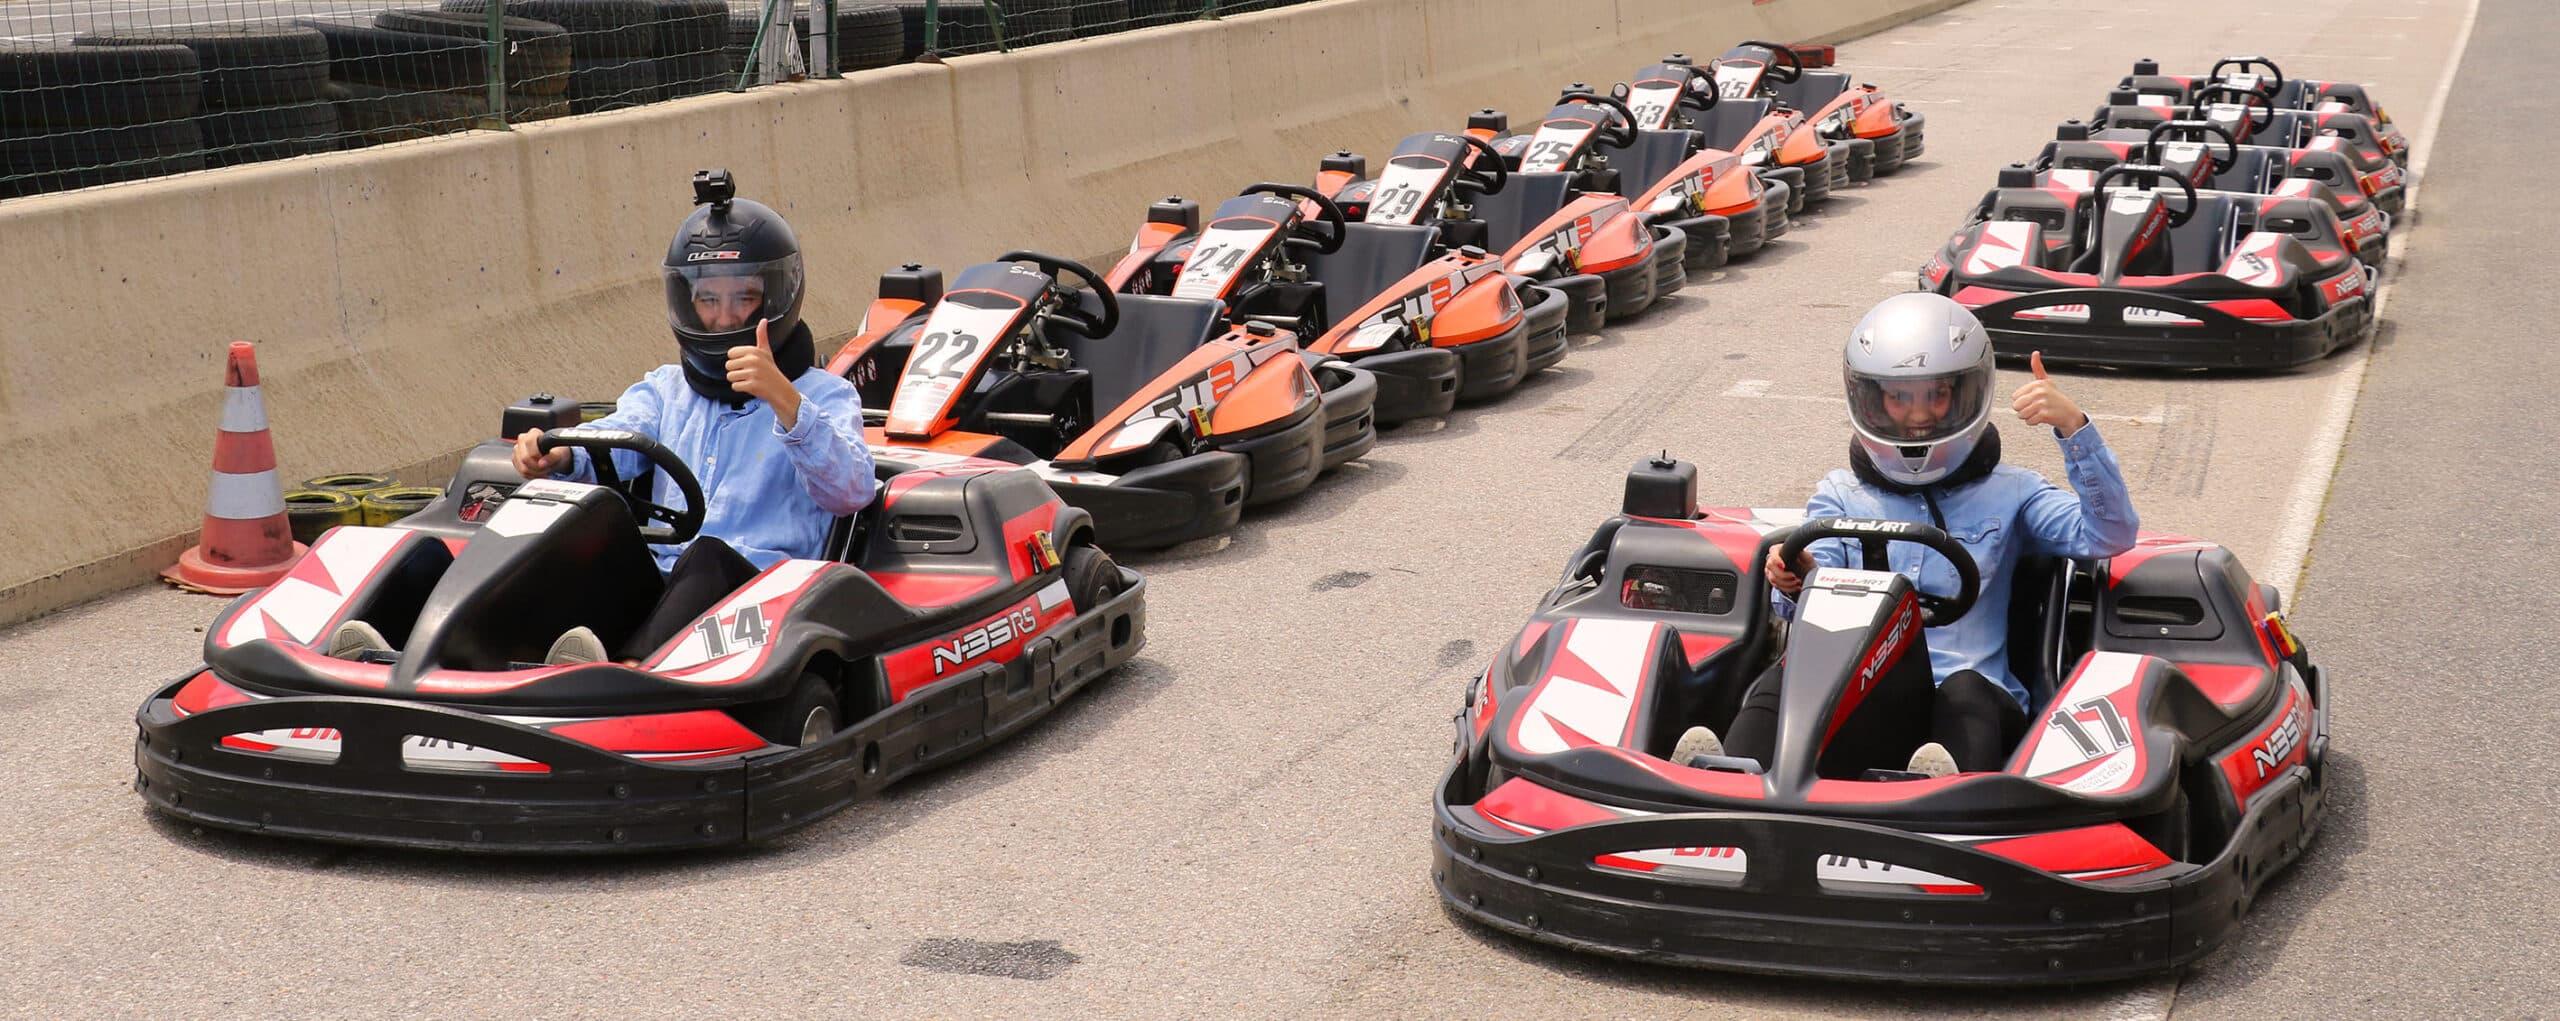 Grand Circuit du Roussillon, le karting de compétition pour tous